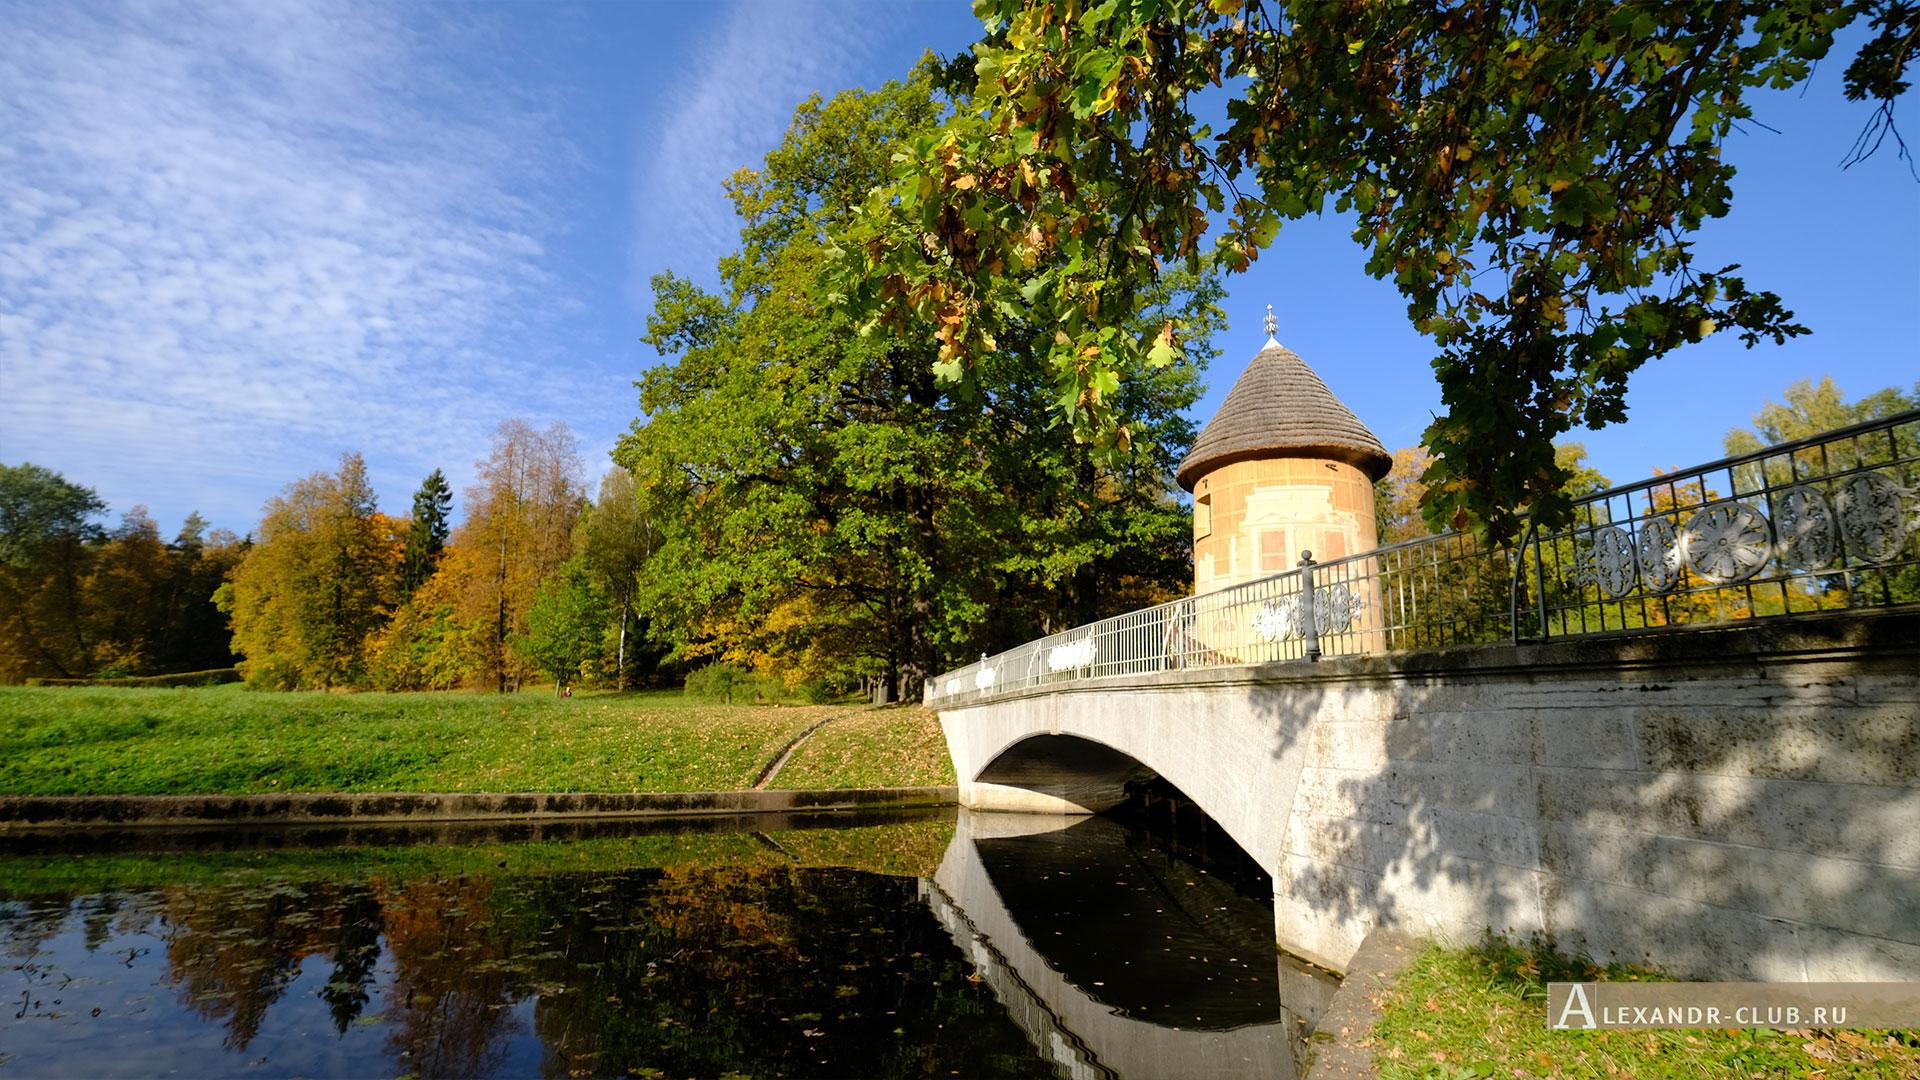 Павловск, осень, Павловский парк, Пиль-башня, Пильбашенный мост